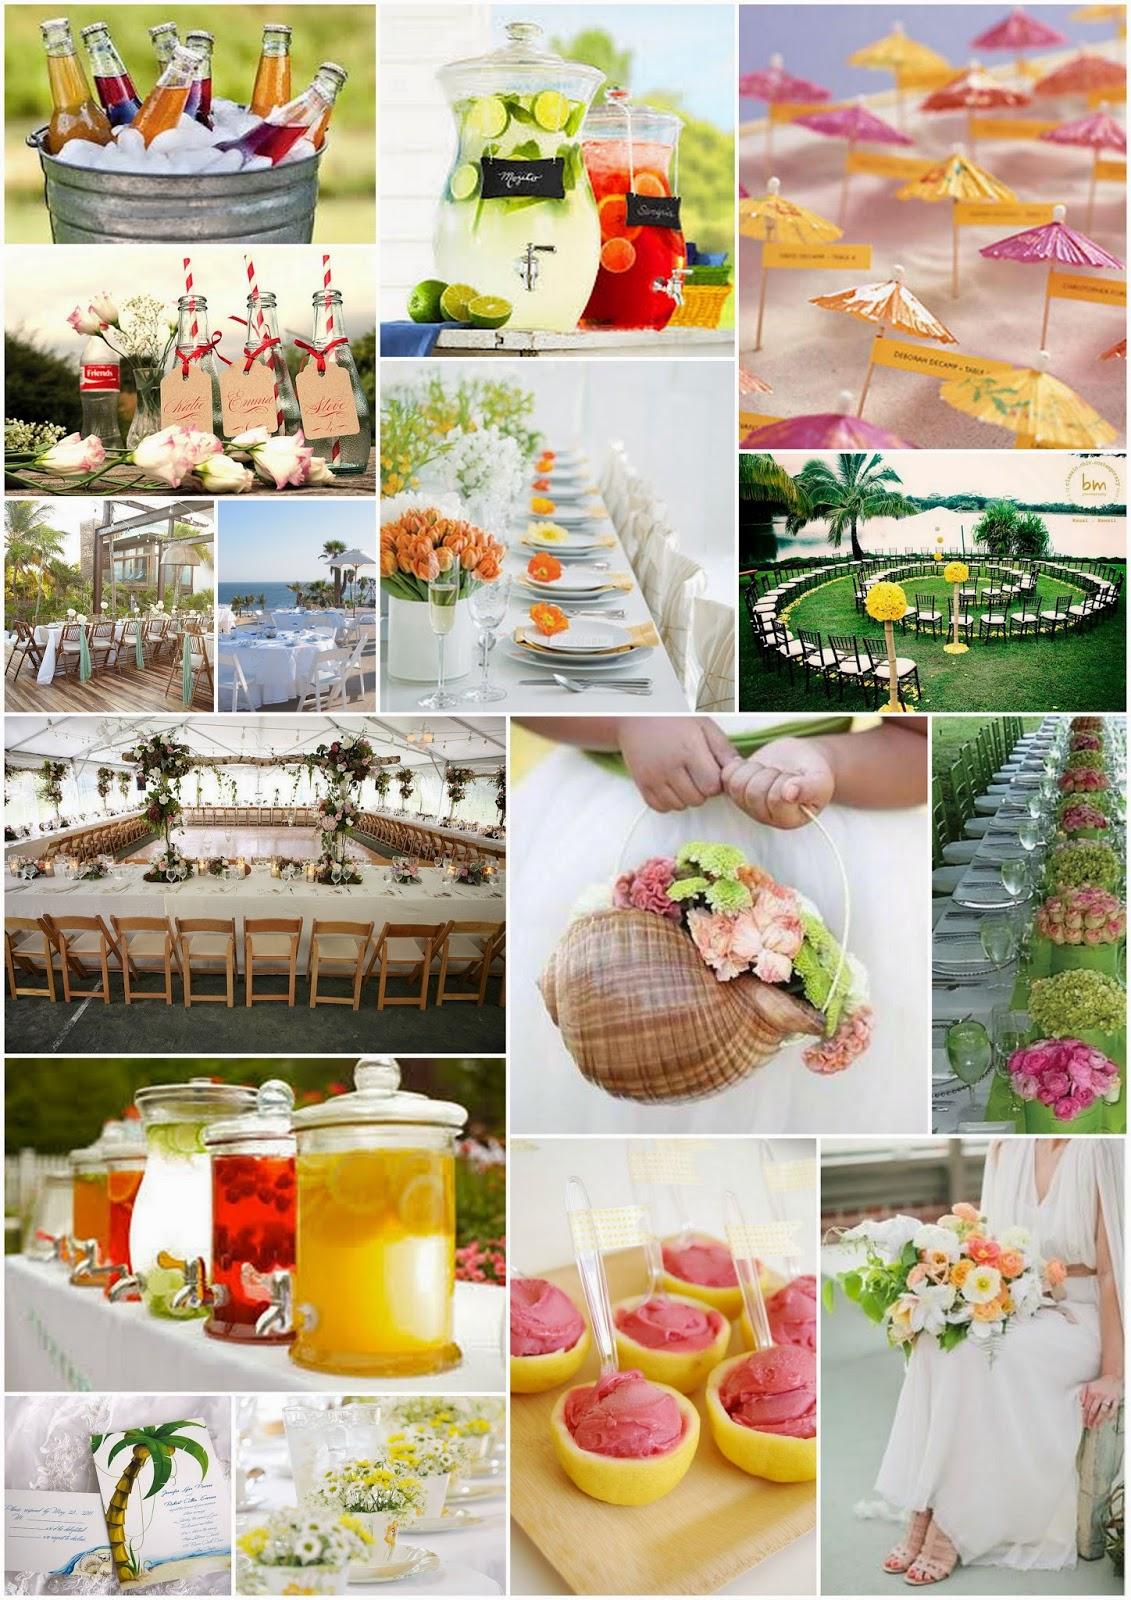 Matrimonio Tema Juta : Tavoli festa in giardino con juta mekan